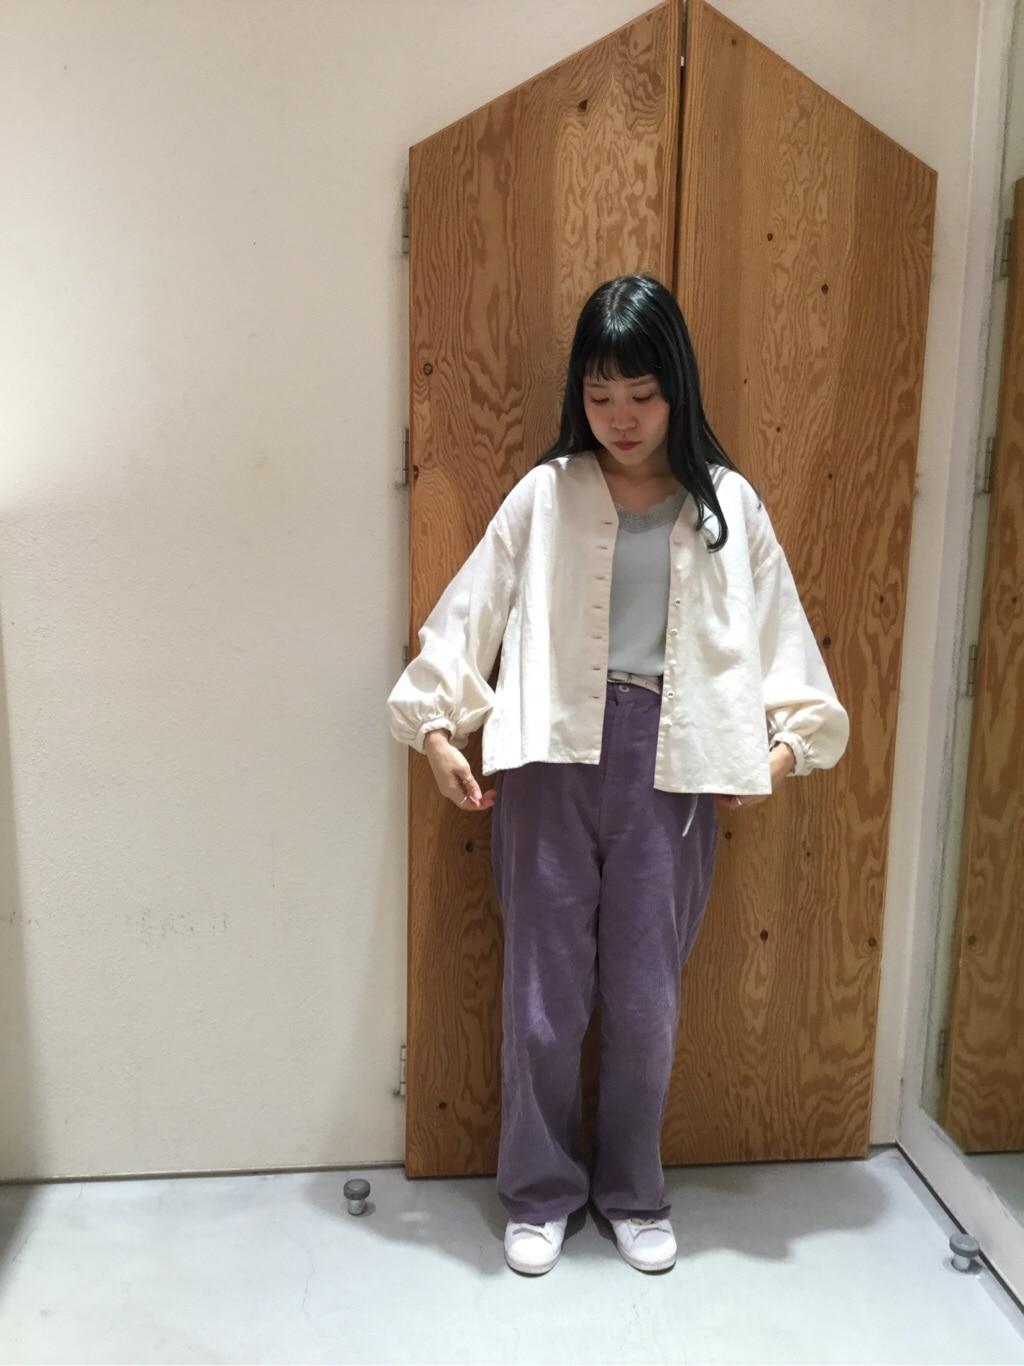 l'atelier du savon グランフロント大阪 身長:155cm 2019.10.07